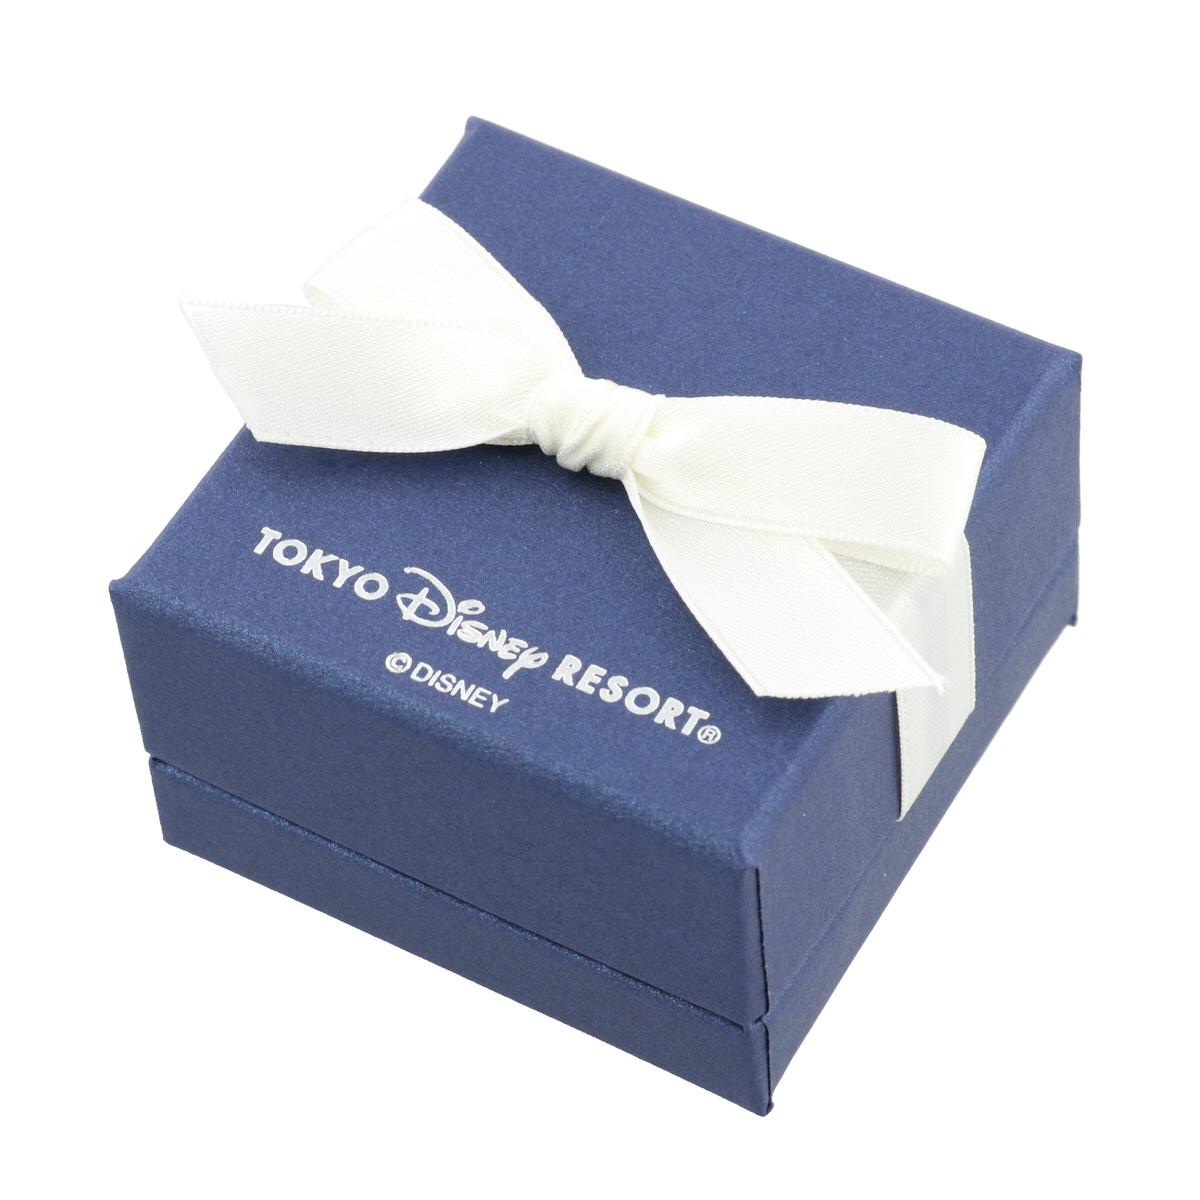 東京ディズニーリゾート「Disney Blue Ever After」グッズ・お土産 東京ディズニーリゾート「Disney Blue Ever After」グッズ・お土産 リング2